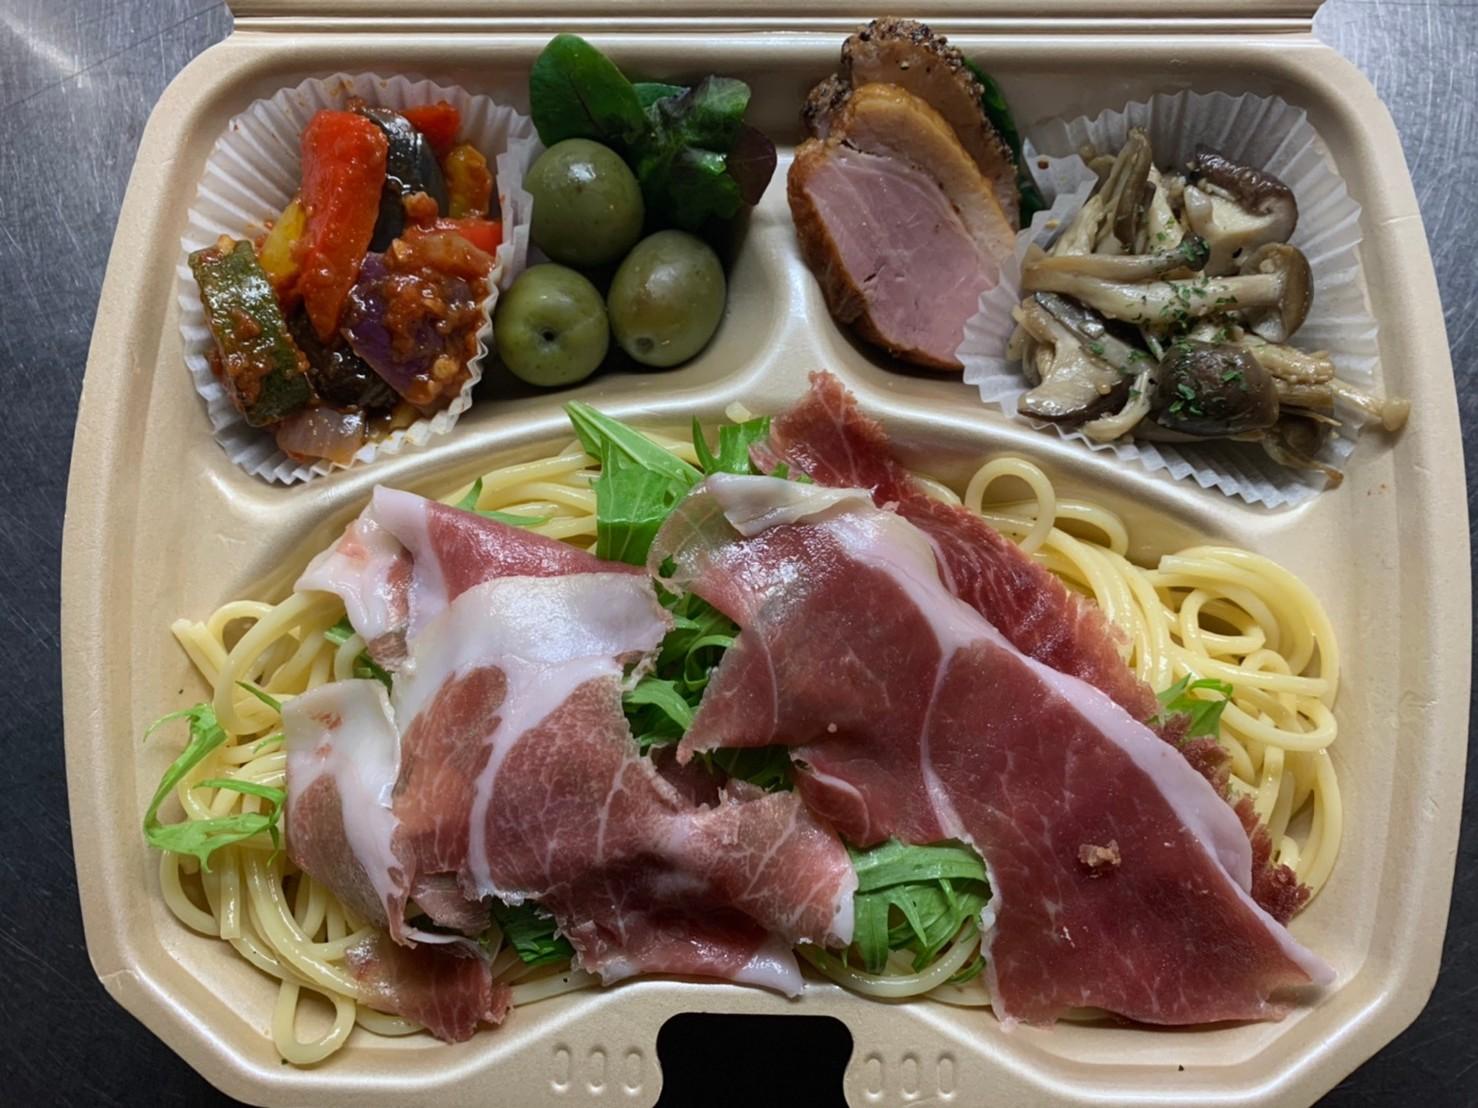 イタリア産 生ハム と 水菜 のスパゲティー  お弁当スタイル